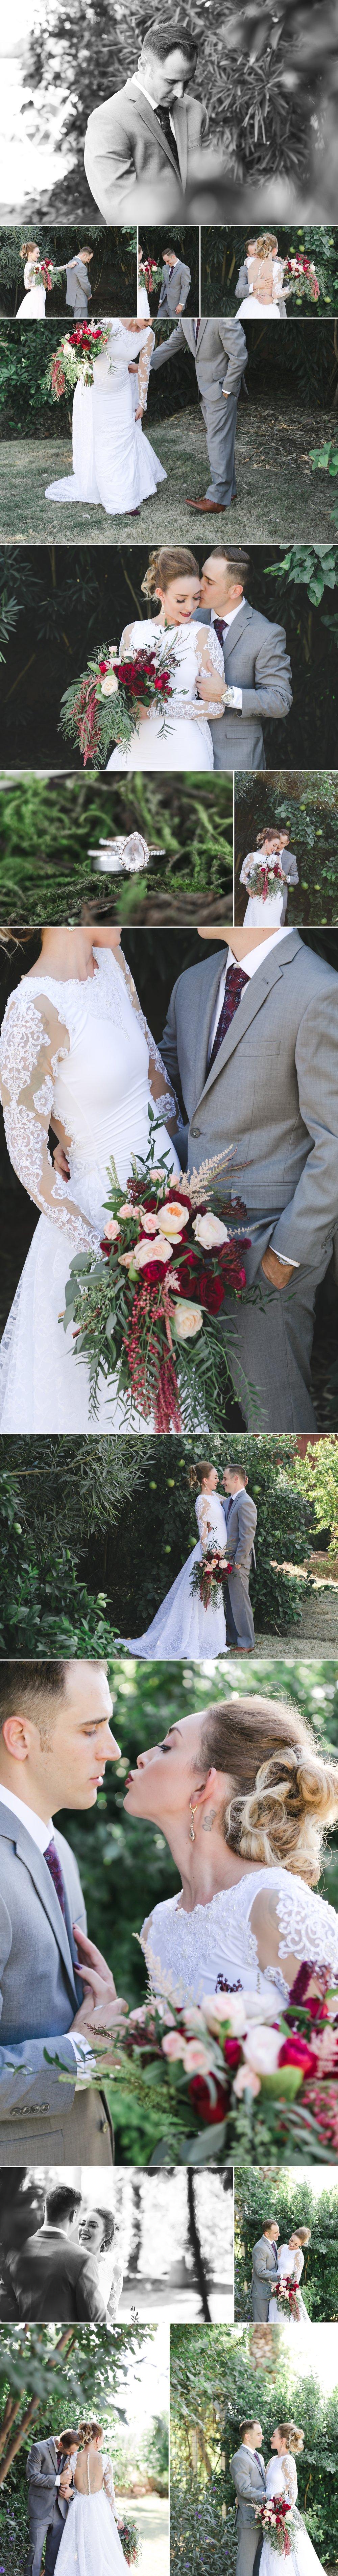 SAW WEDDING 1.jpg